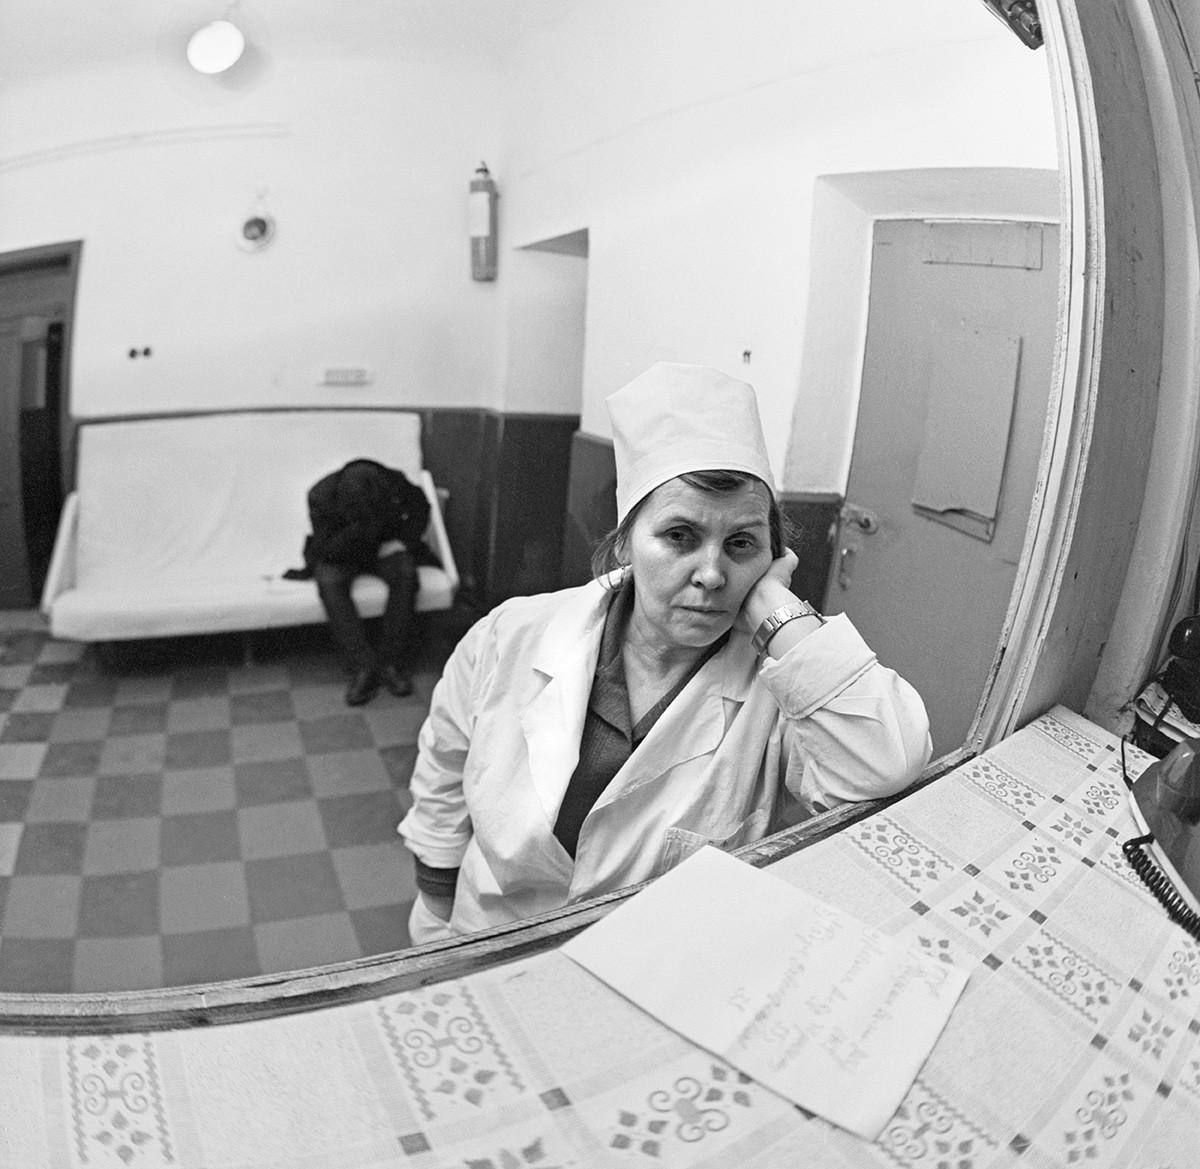 Die UdSSR, Moldauische SSR, Kischinjow, 31. Dezember 1987: Jewgenia Fomowna Telipan, Sanitäterin des medizinischen Entgiftungszentrums in Kischinau, am Arbeitsplatz.